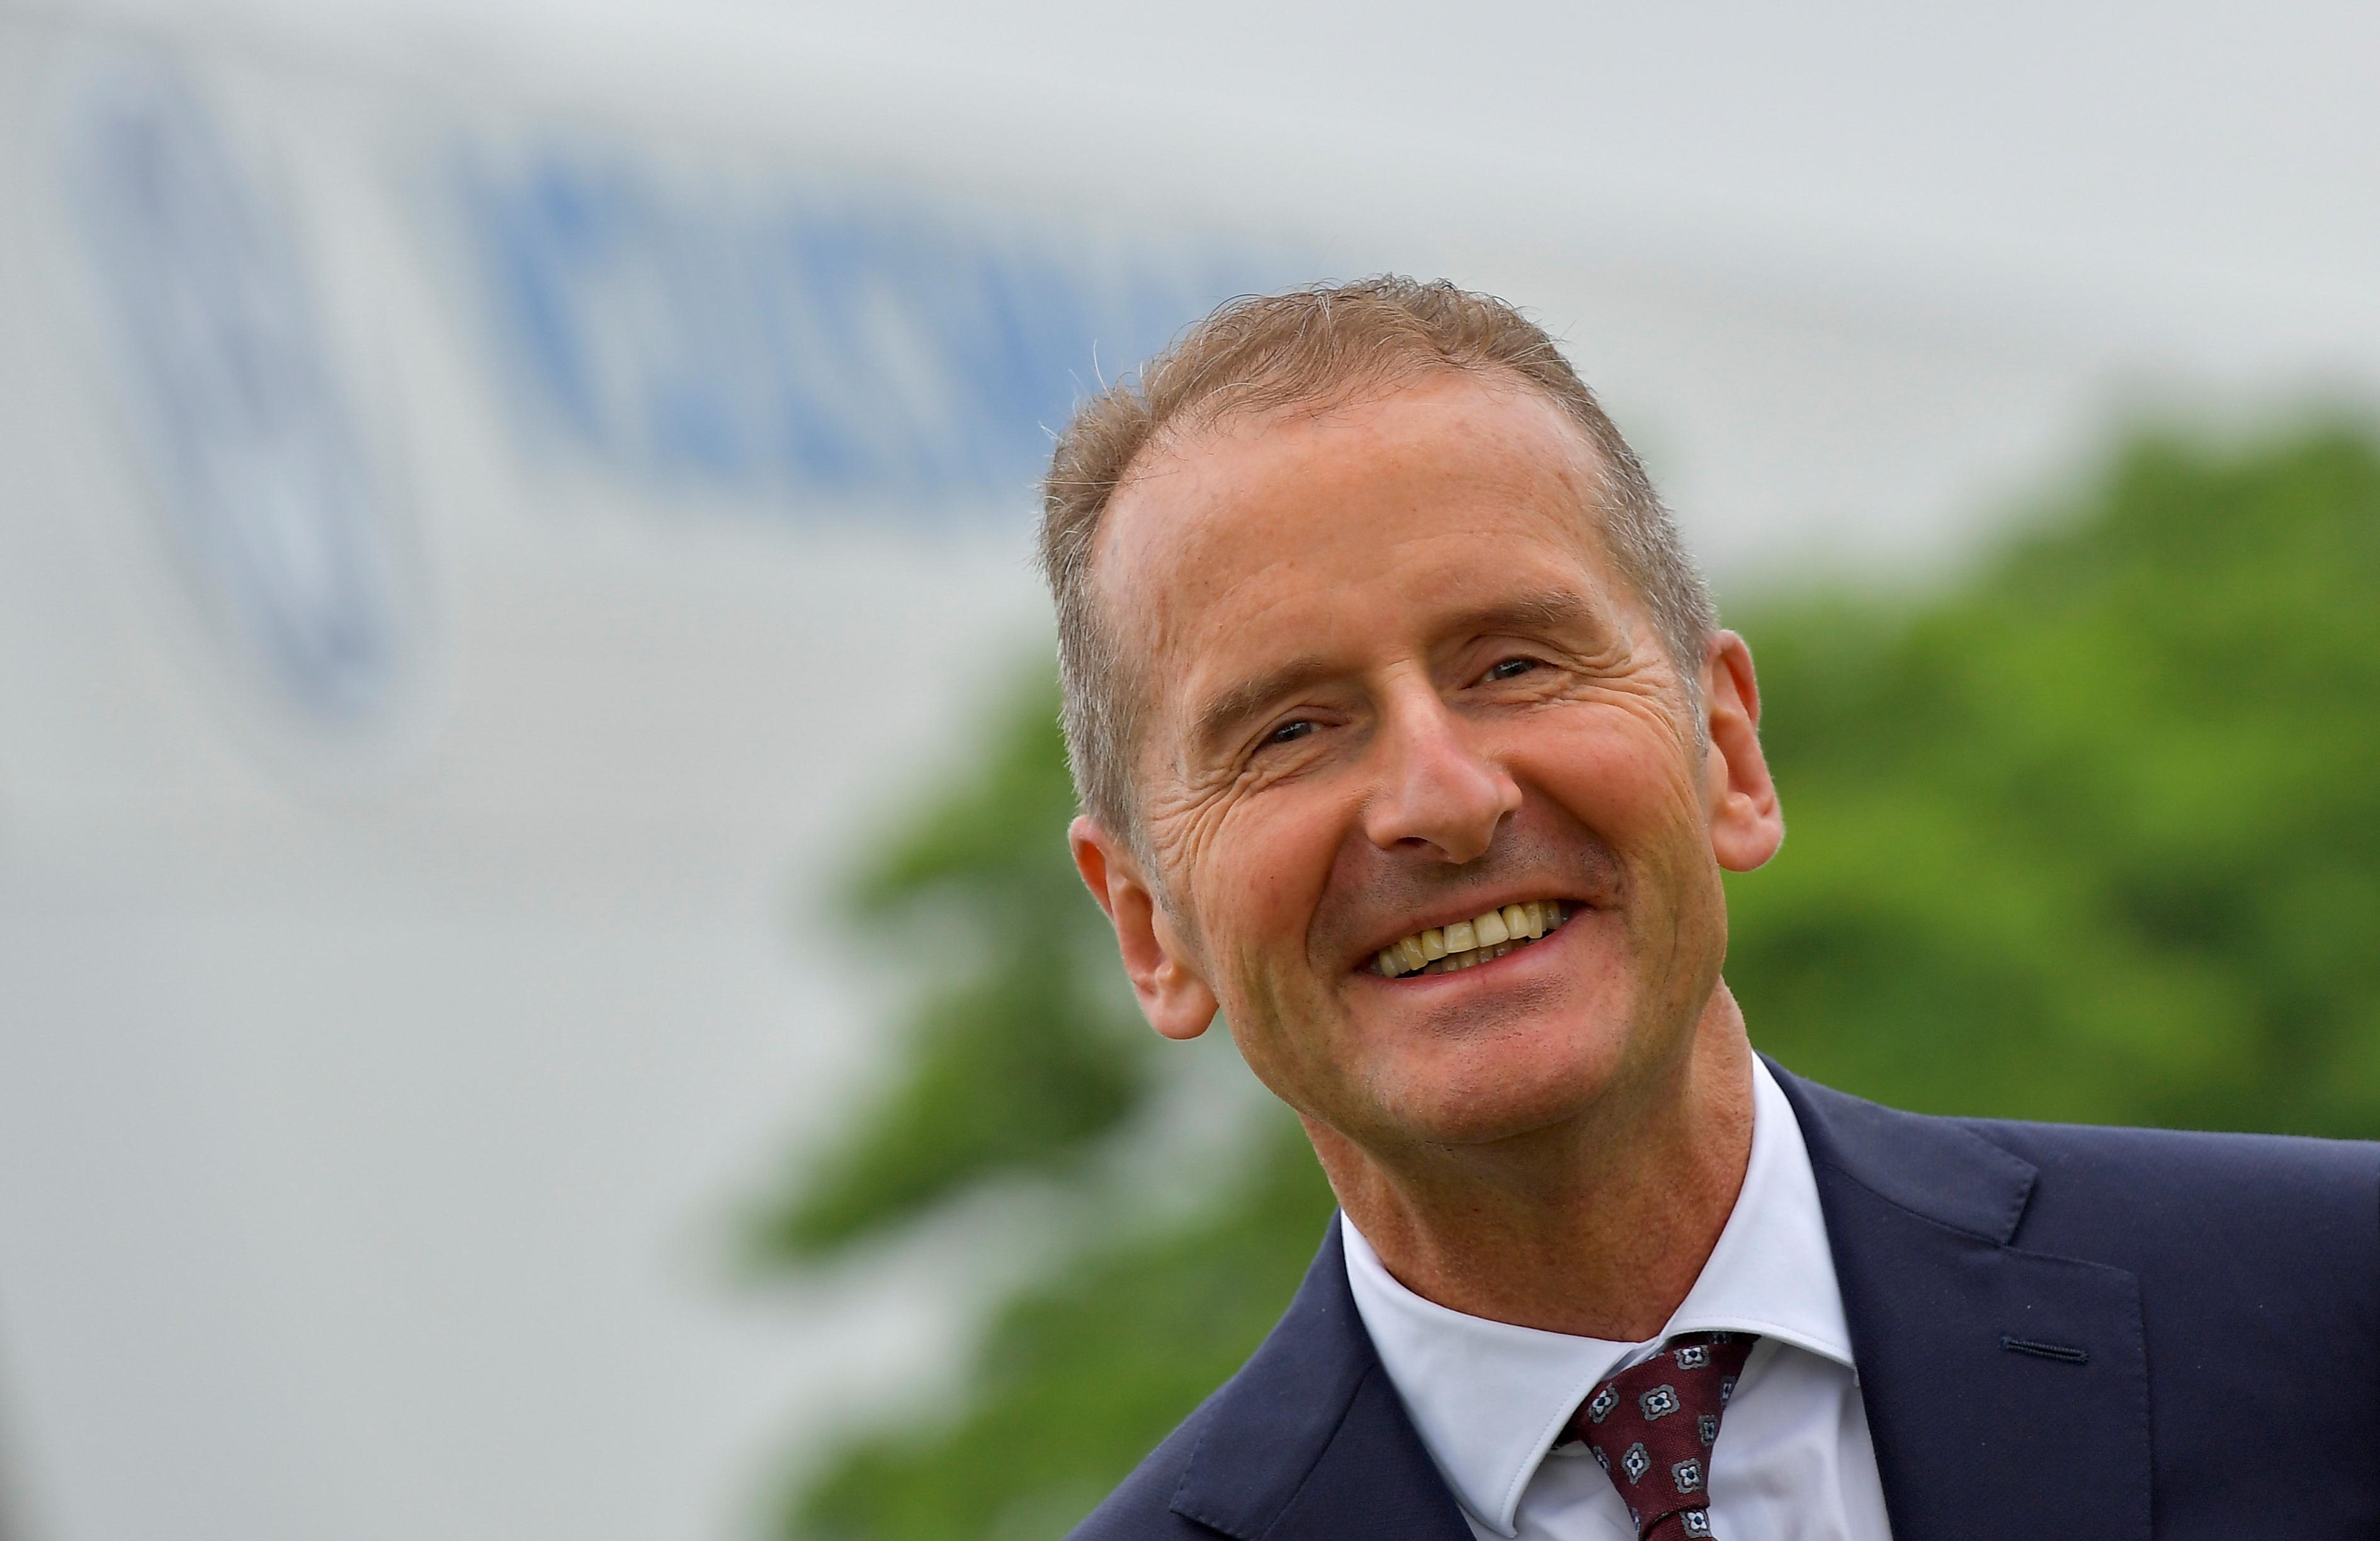 Volkswagen CEO Herbert Diess looks on during his visit to Volkswagen's electric car plant in Zwickau, Germany, June 23, 2021. REUTERS/Matthias Rietschel